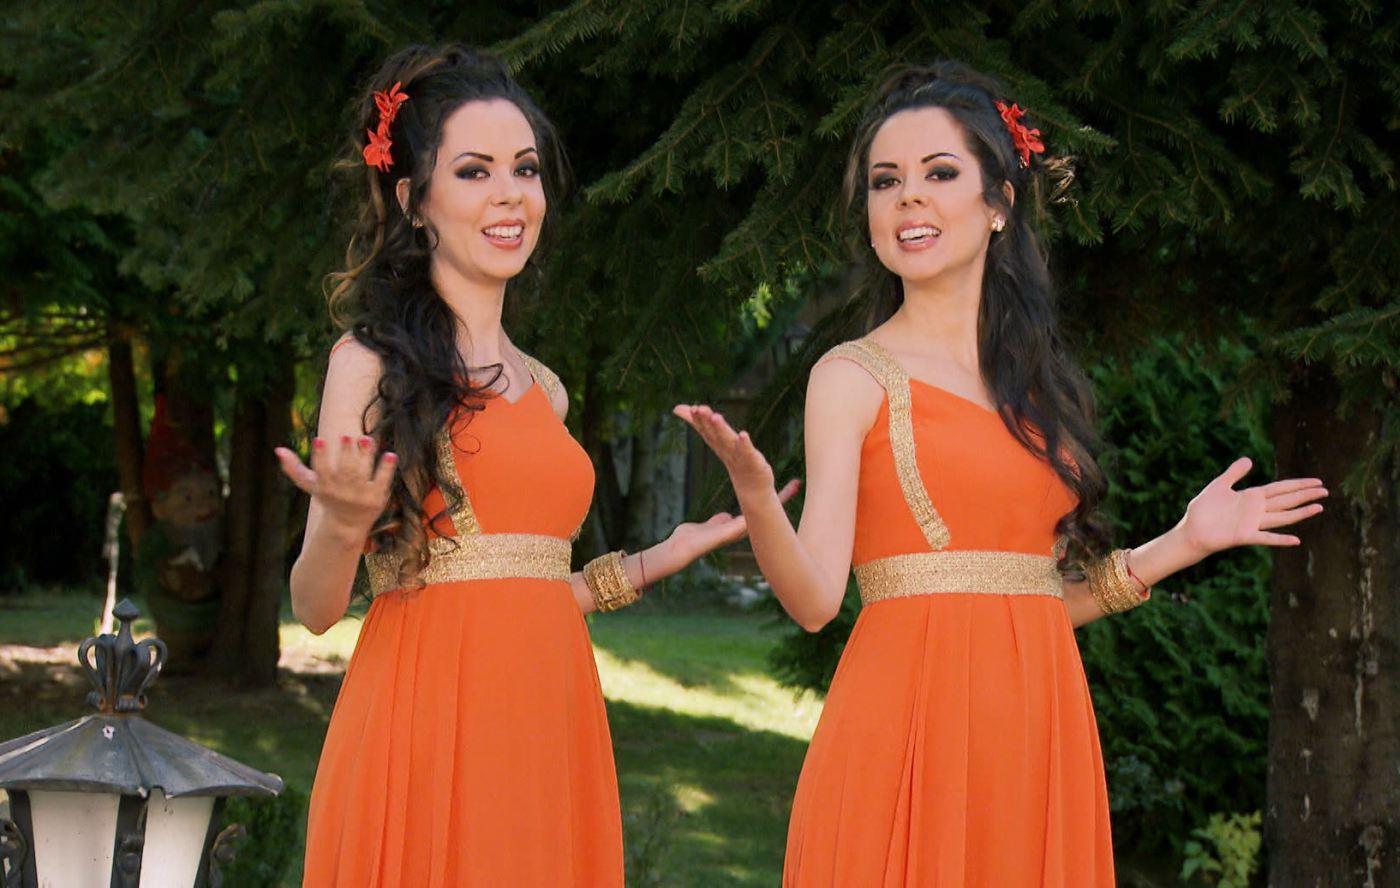 Мария и Магдалена Филатови подготвят песен-изненада